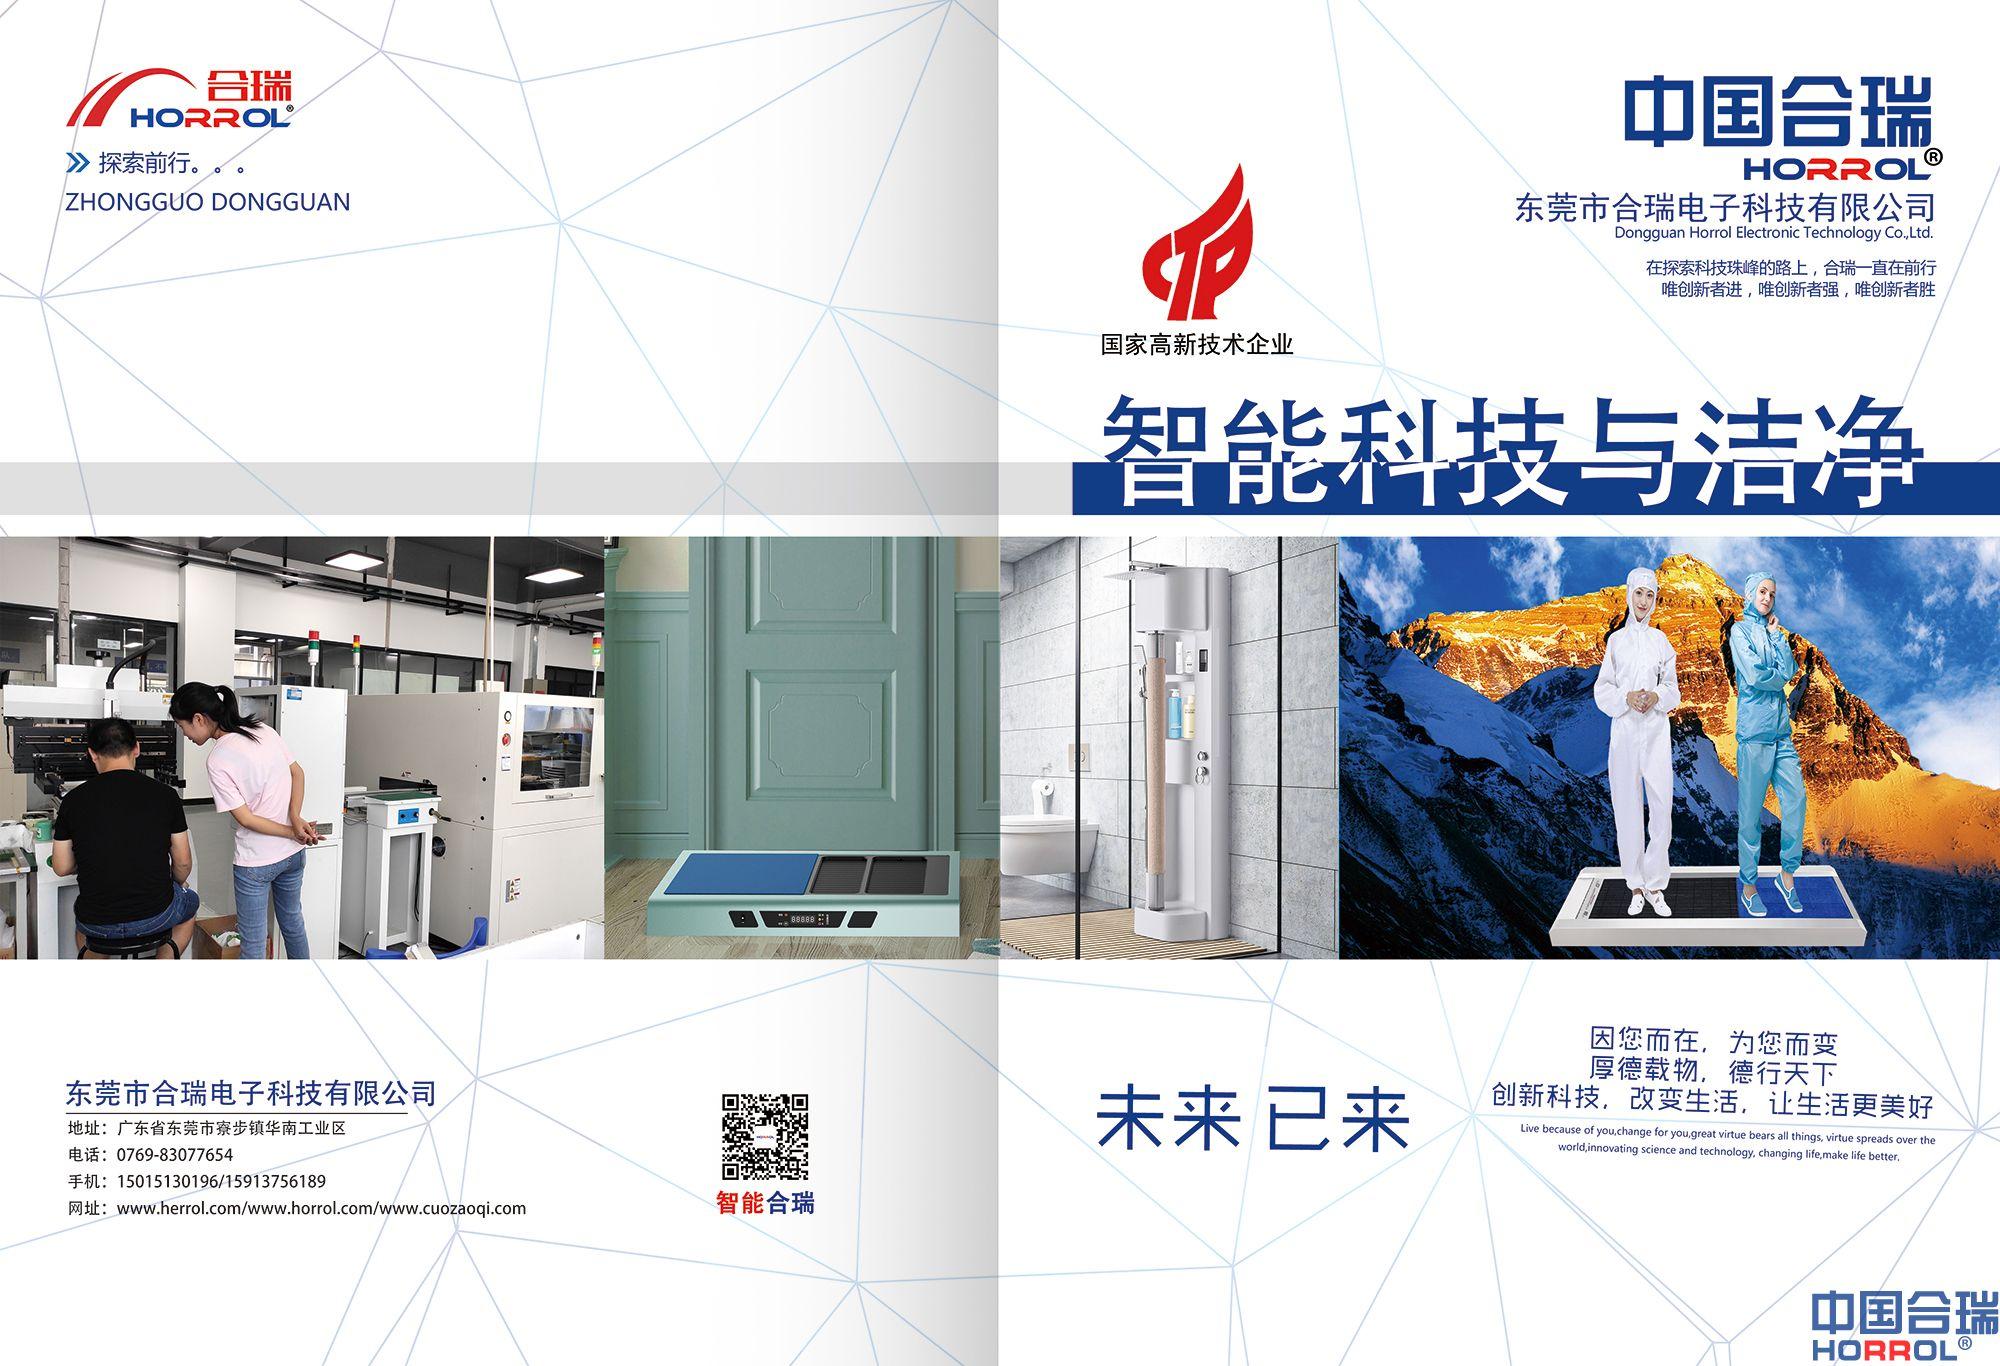 中国合瑞2019年产品画册发布...